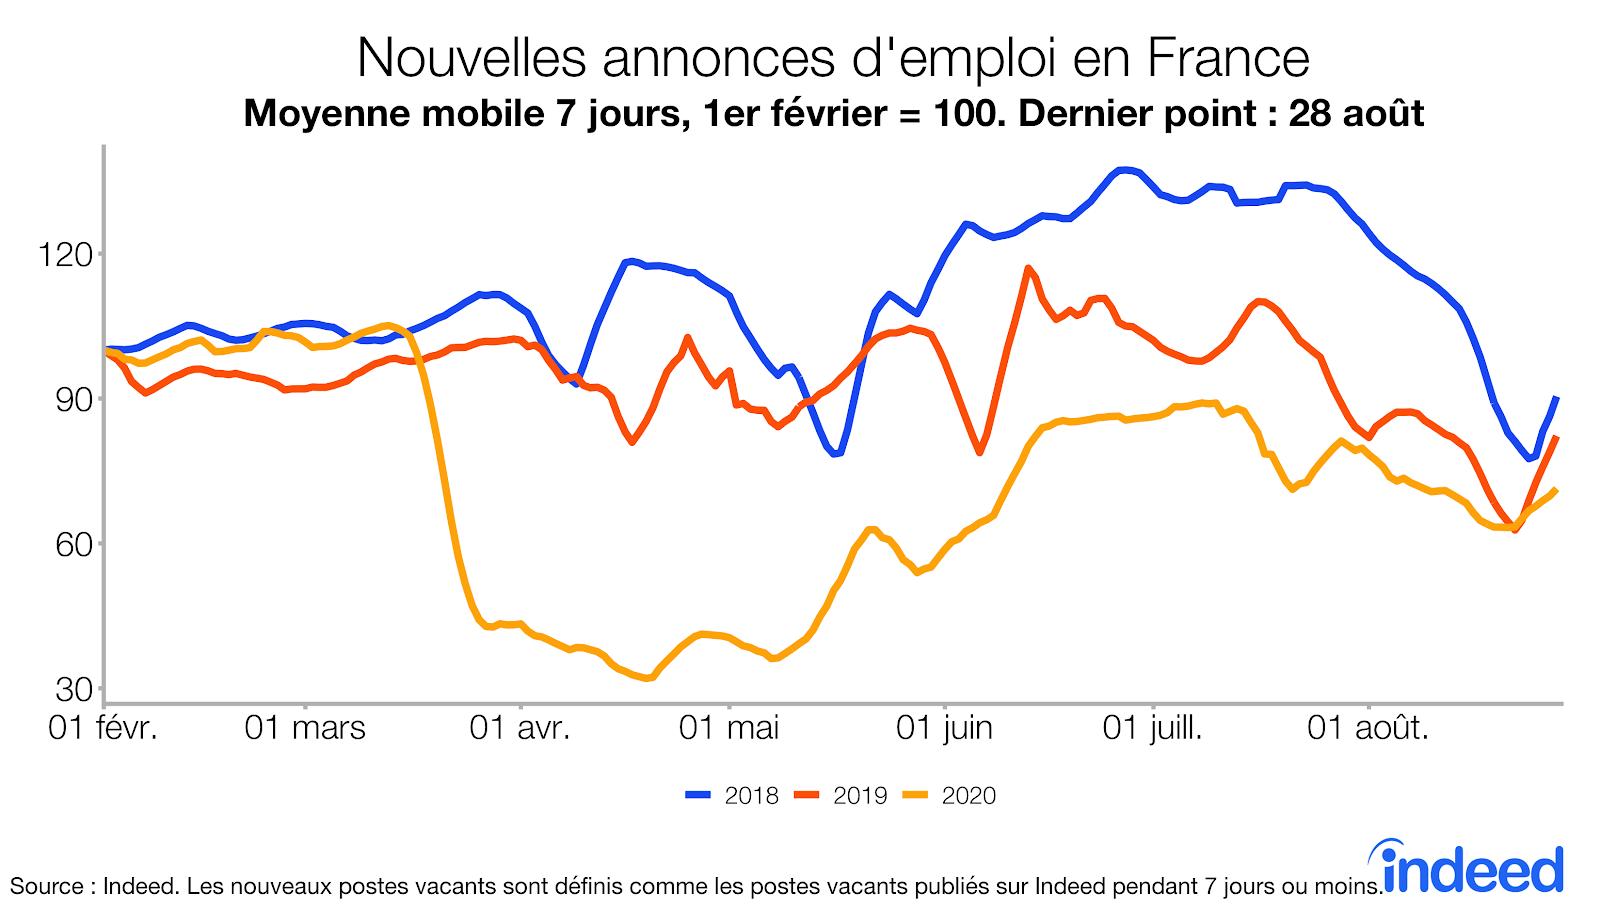 Nouvelles annonces d'emploi en France